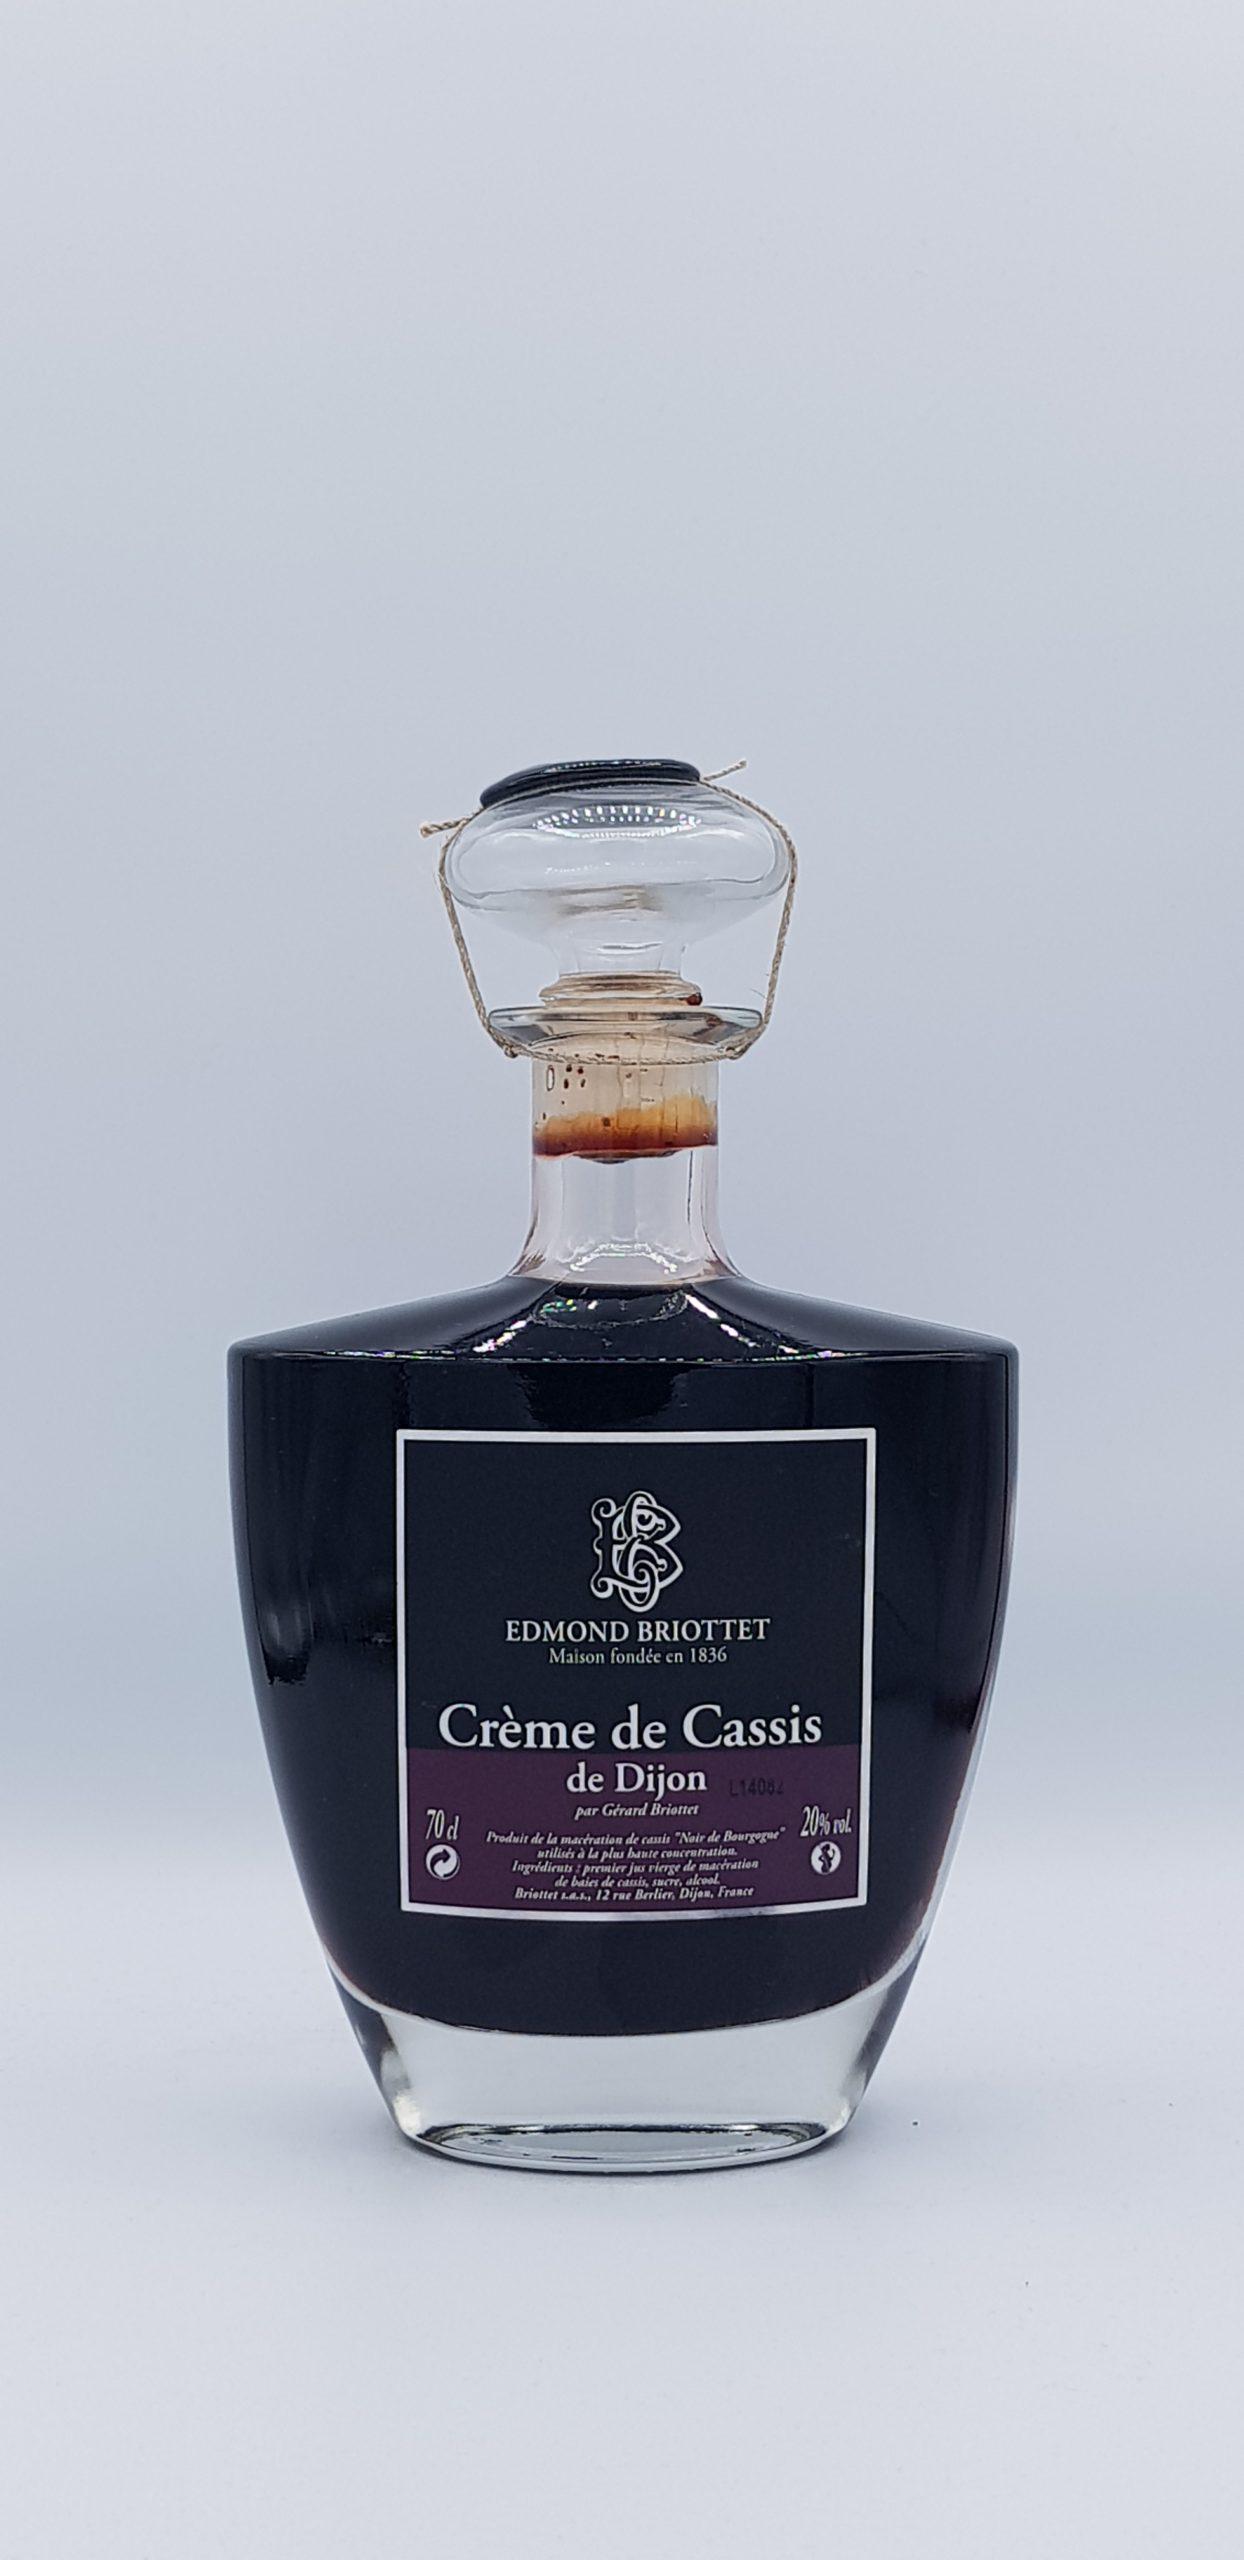 Creme De Cassis Etui Carafe Briottet